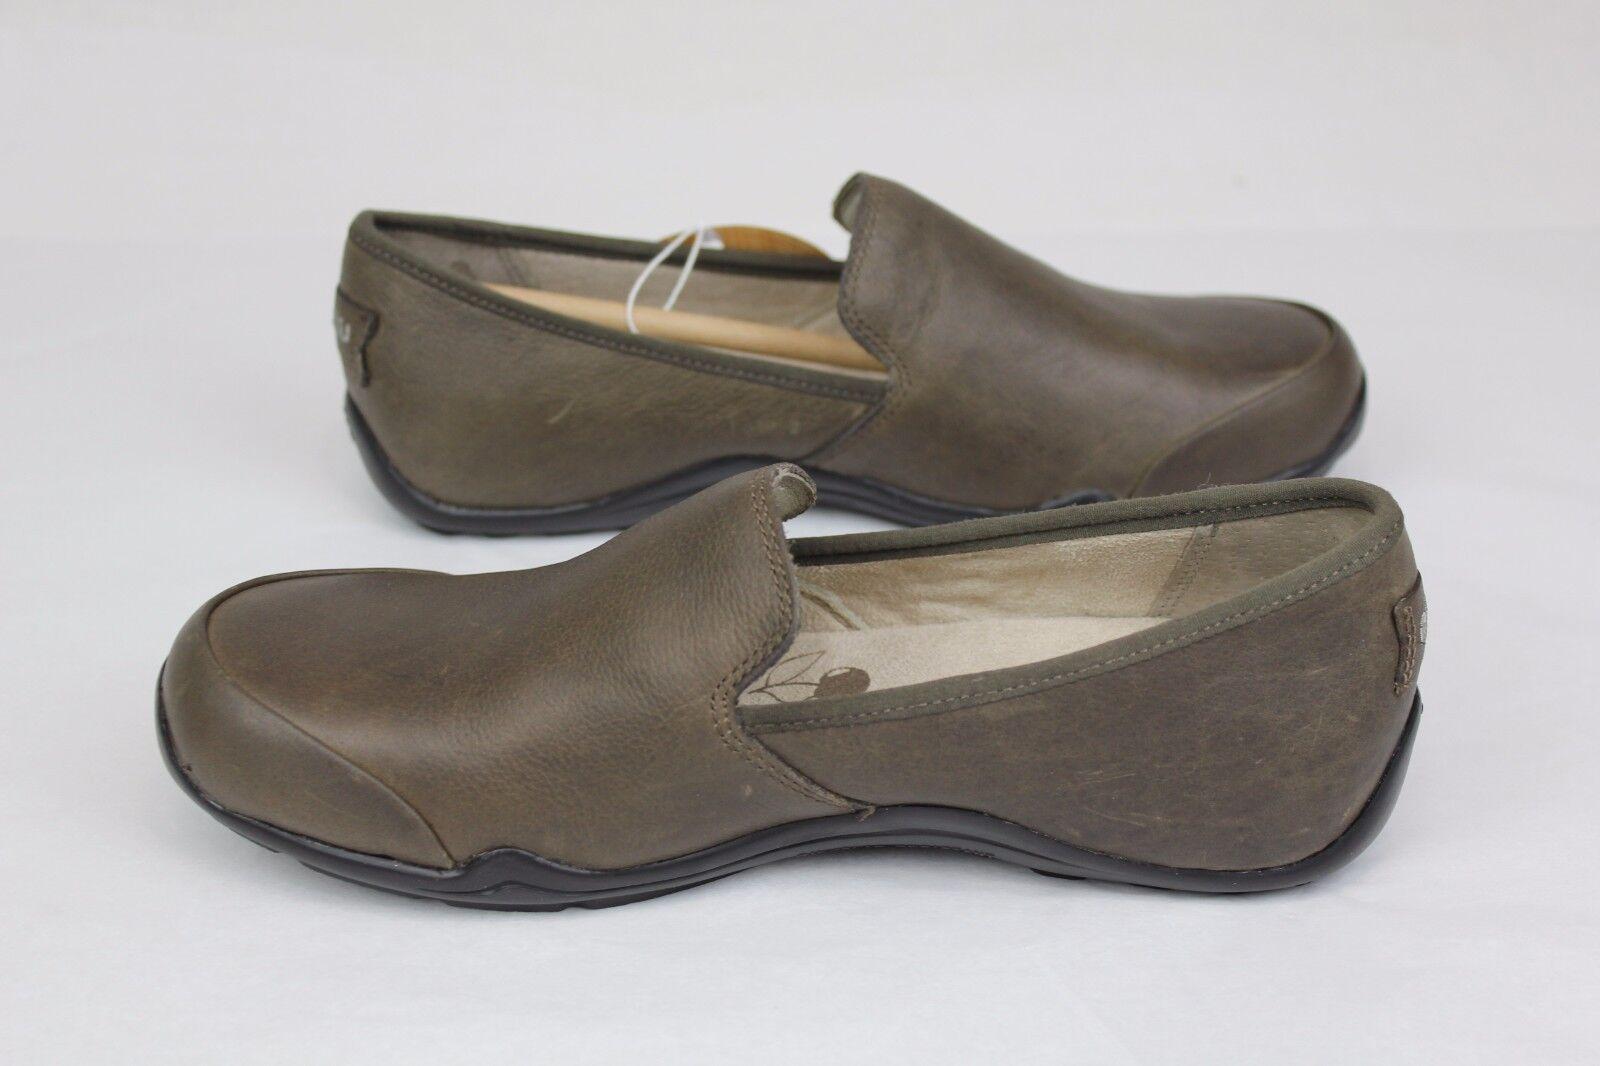 Ahnu Marrón Para mujeres Cuero Marrón Ahnu Nogal Penny Pro Zapato Talla 6 EE. UU. a42bb5